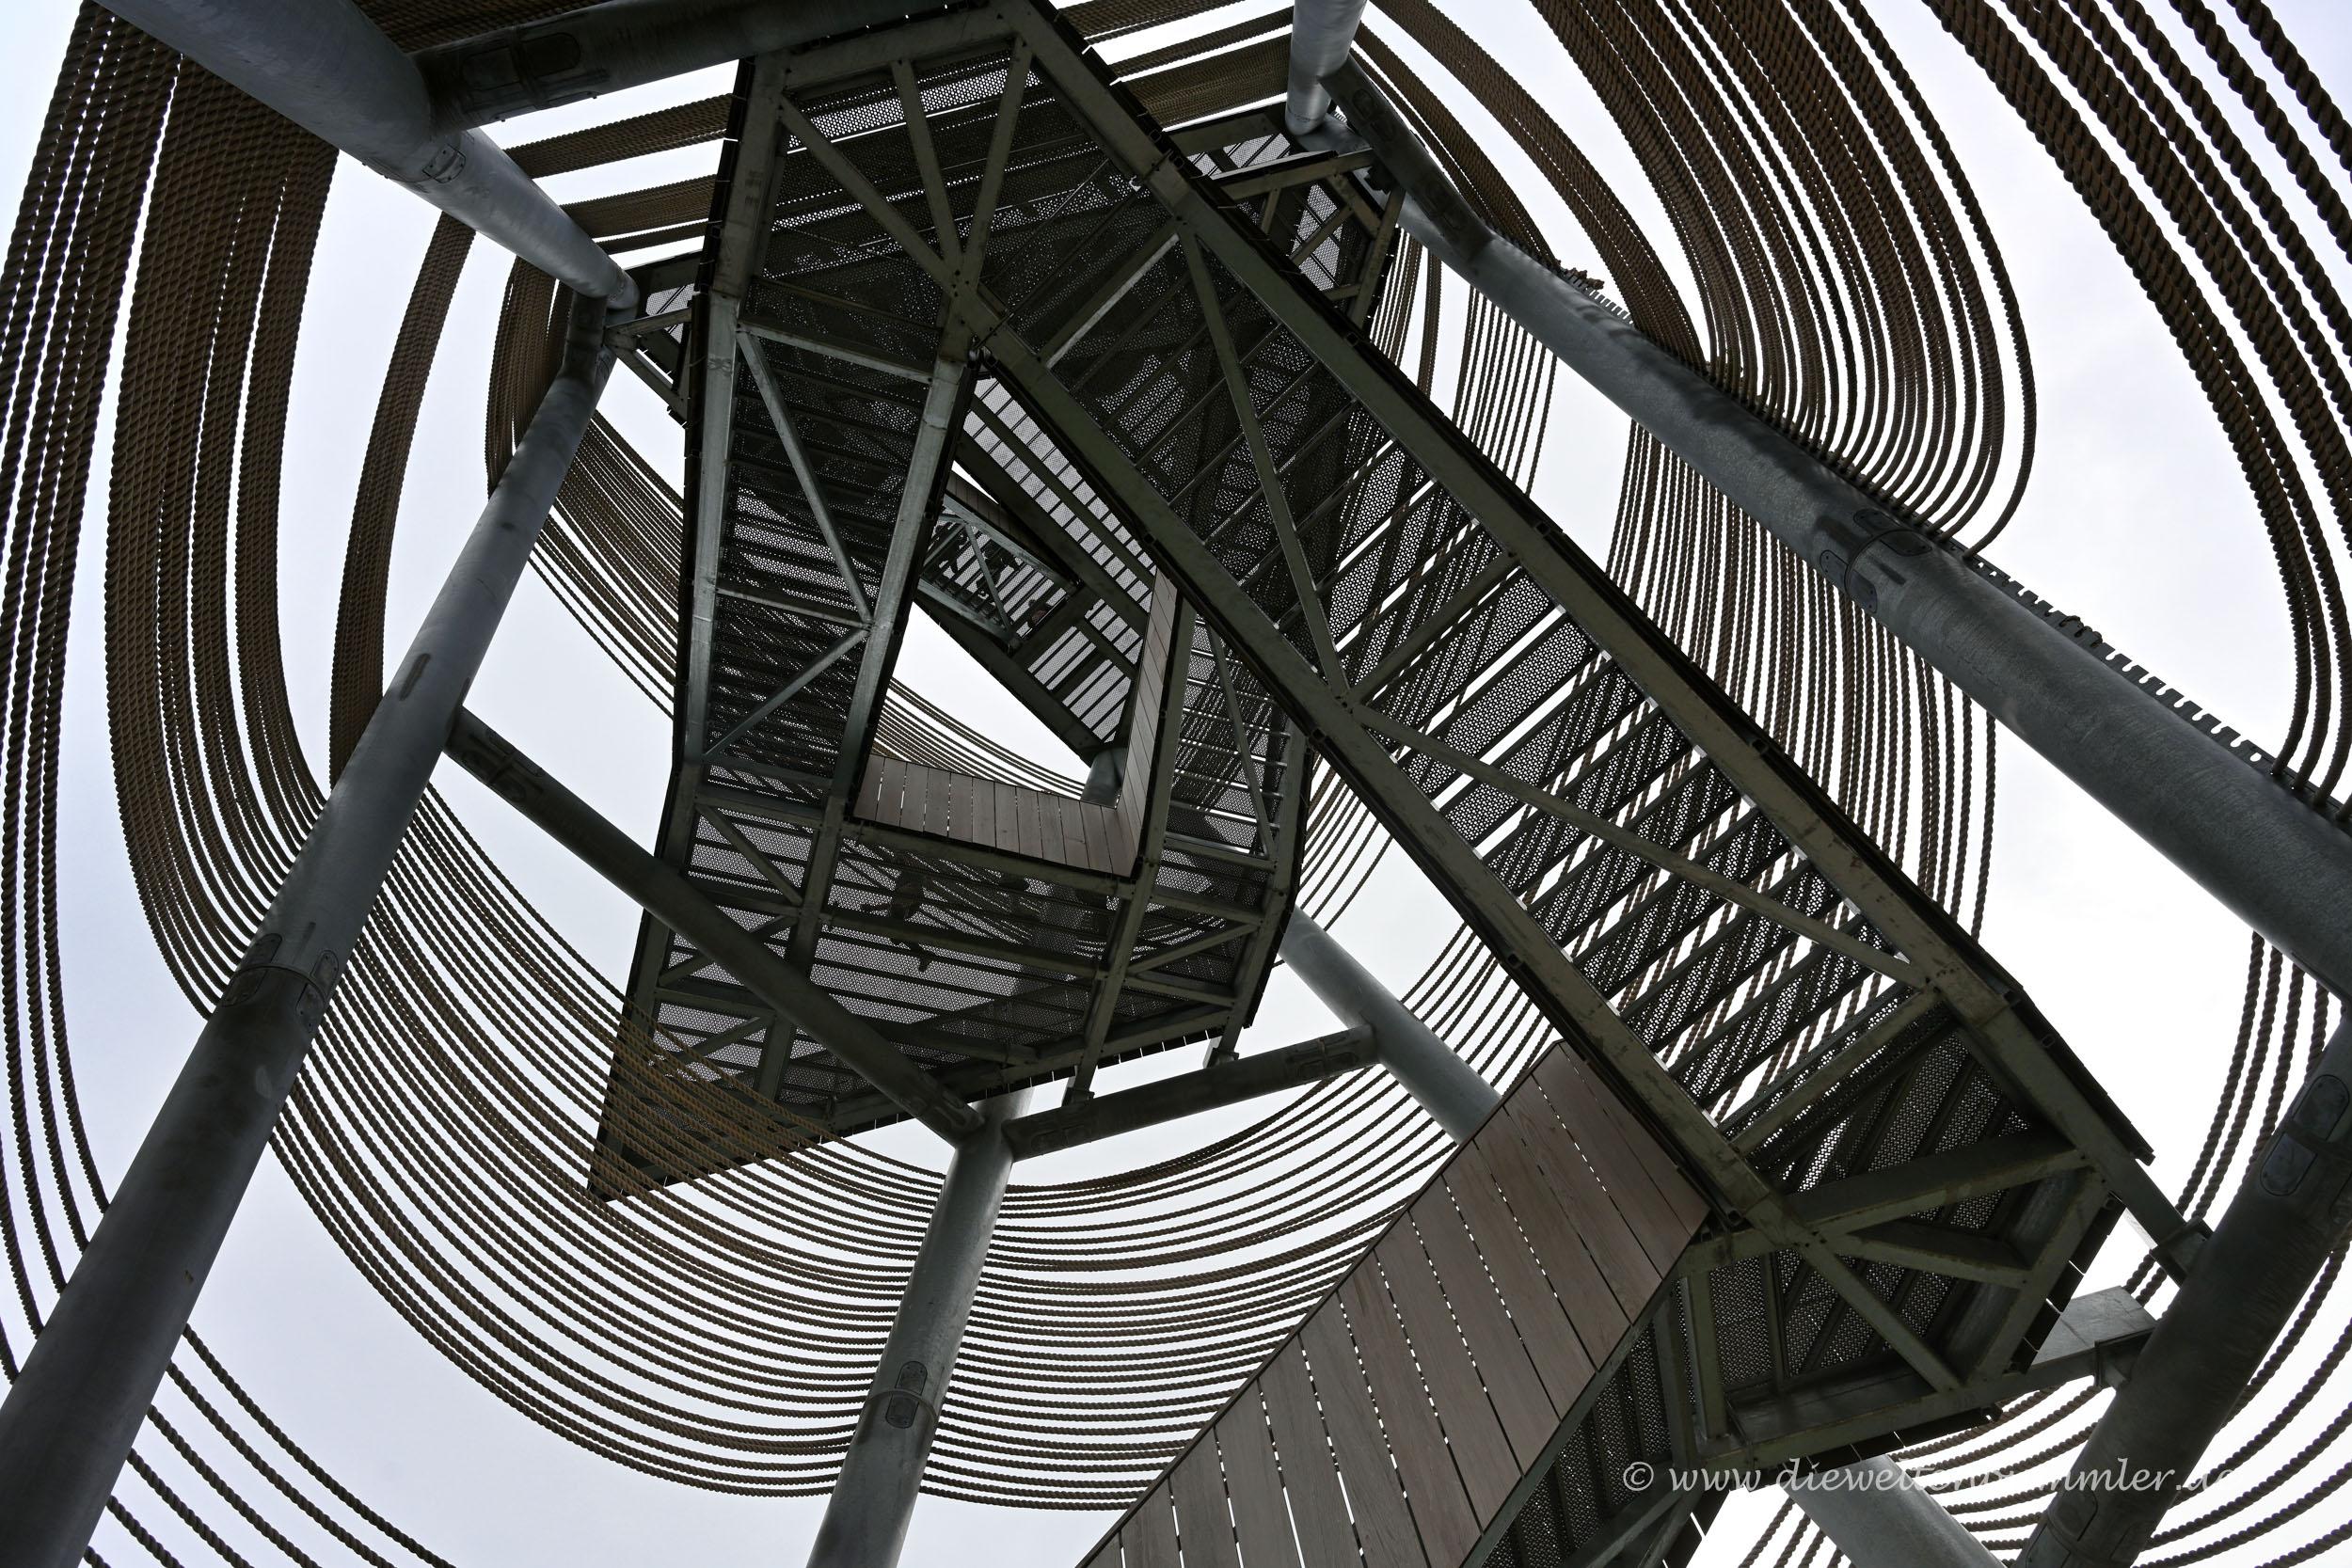 Turm mit Seil